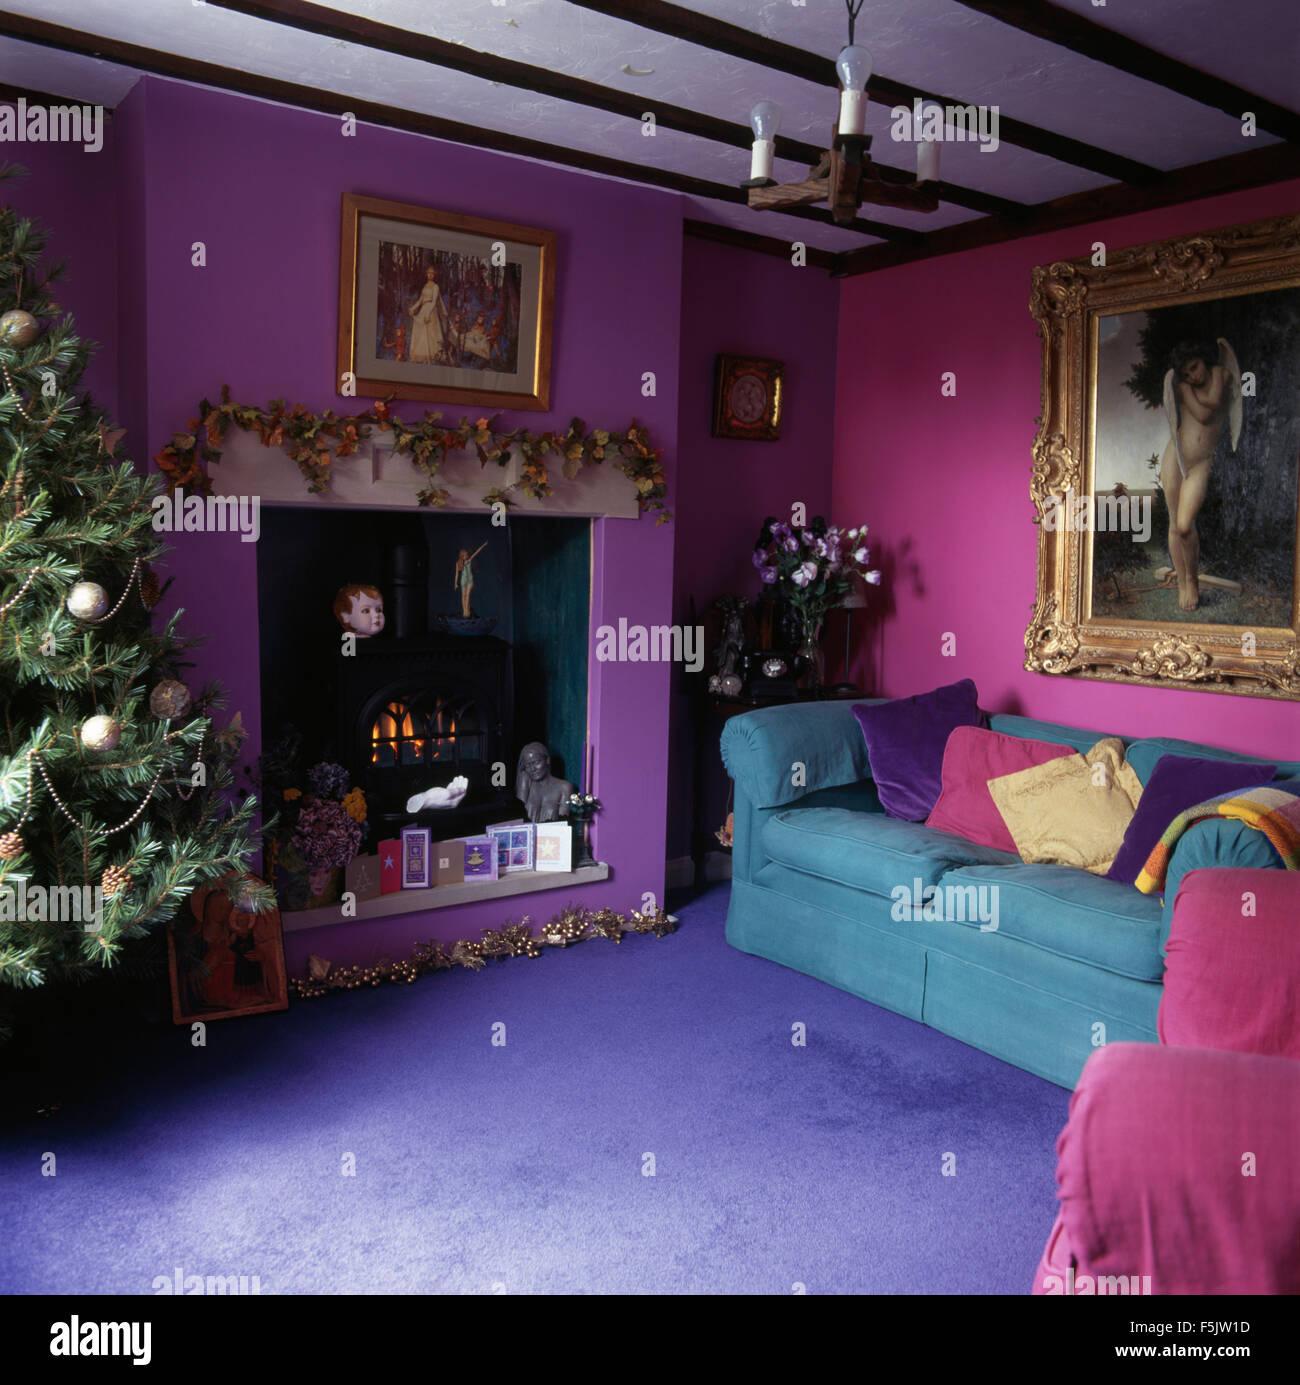 Tapis bleu vif et turquoise canapé en violet et rose 90 salon avec ...